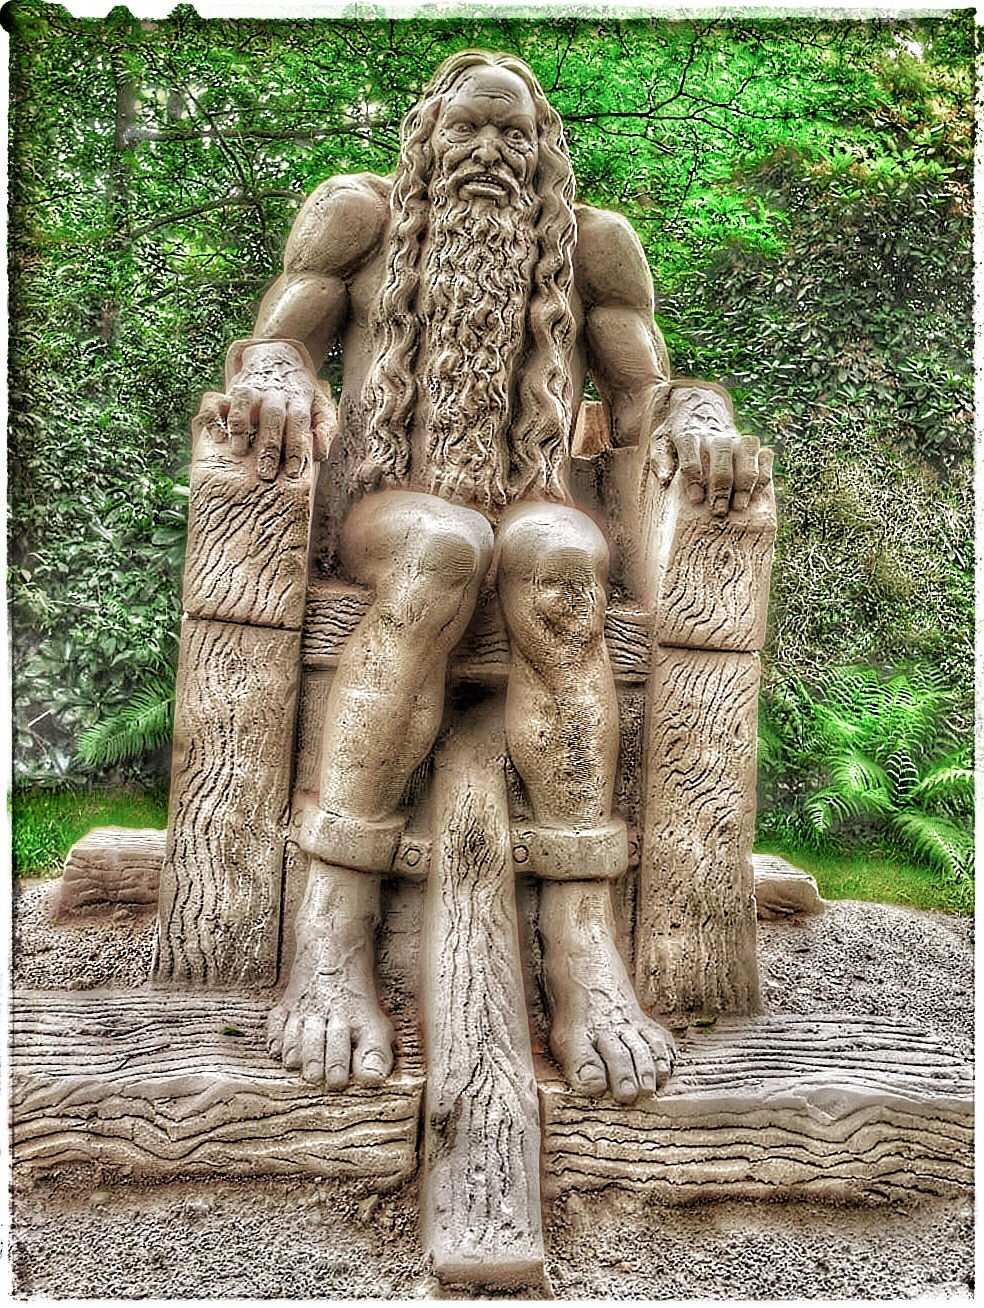 huttenkloas - Zandsculptuur in Diepeheim bij kasteel Warmelo. - foto door Rosina op 28-06-2015 - deze foto bevat: structuur, portret, bewerkt, bewerking, sfeer, fisheye, sepia, contrast, textuur, bewerkingsopdracht, bewerkingsuitdaging